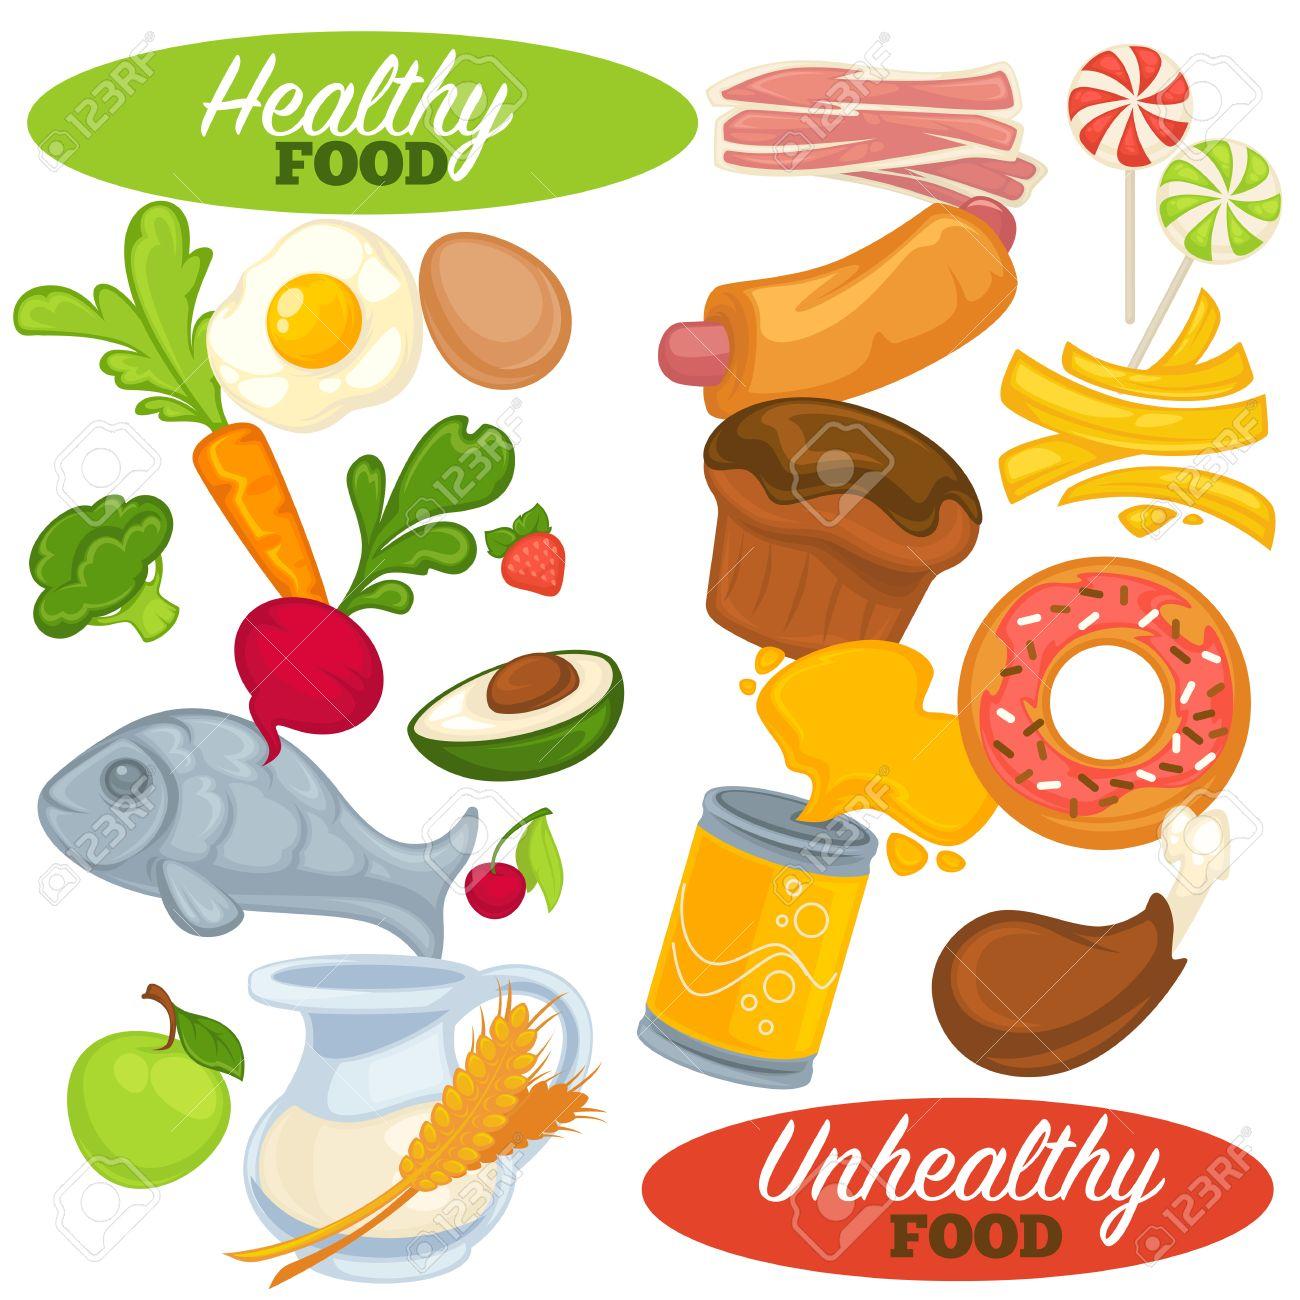 la comida saludable y chatarra